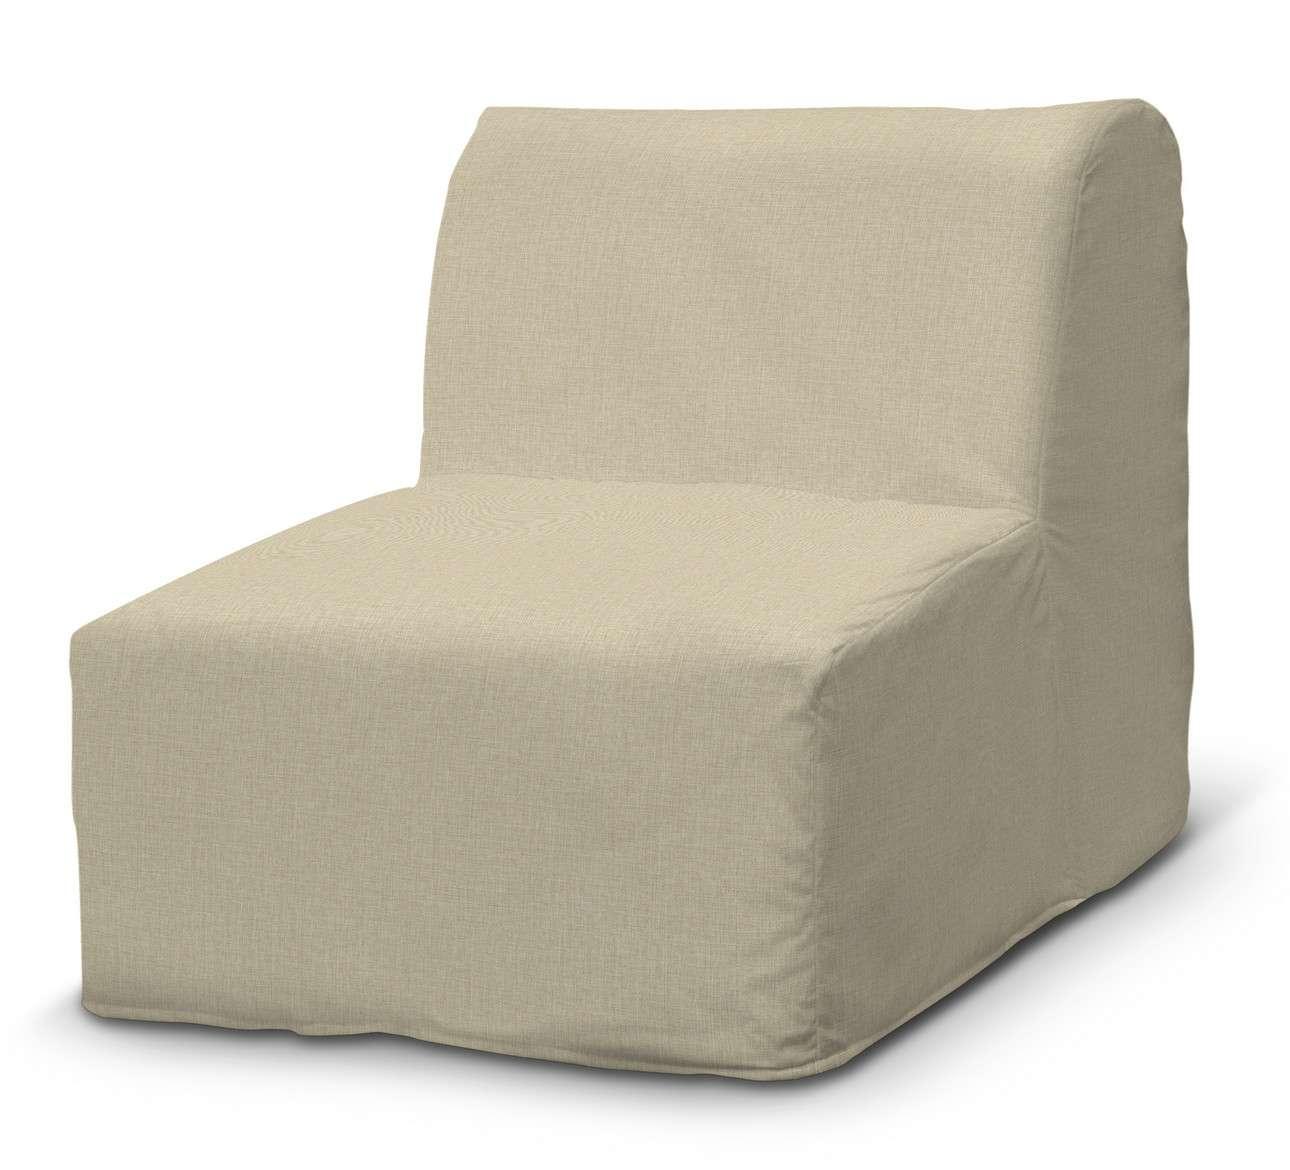 Pokrowiec na fotel Lycksele prosty w kolekcji Living, tkanina: 161-45